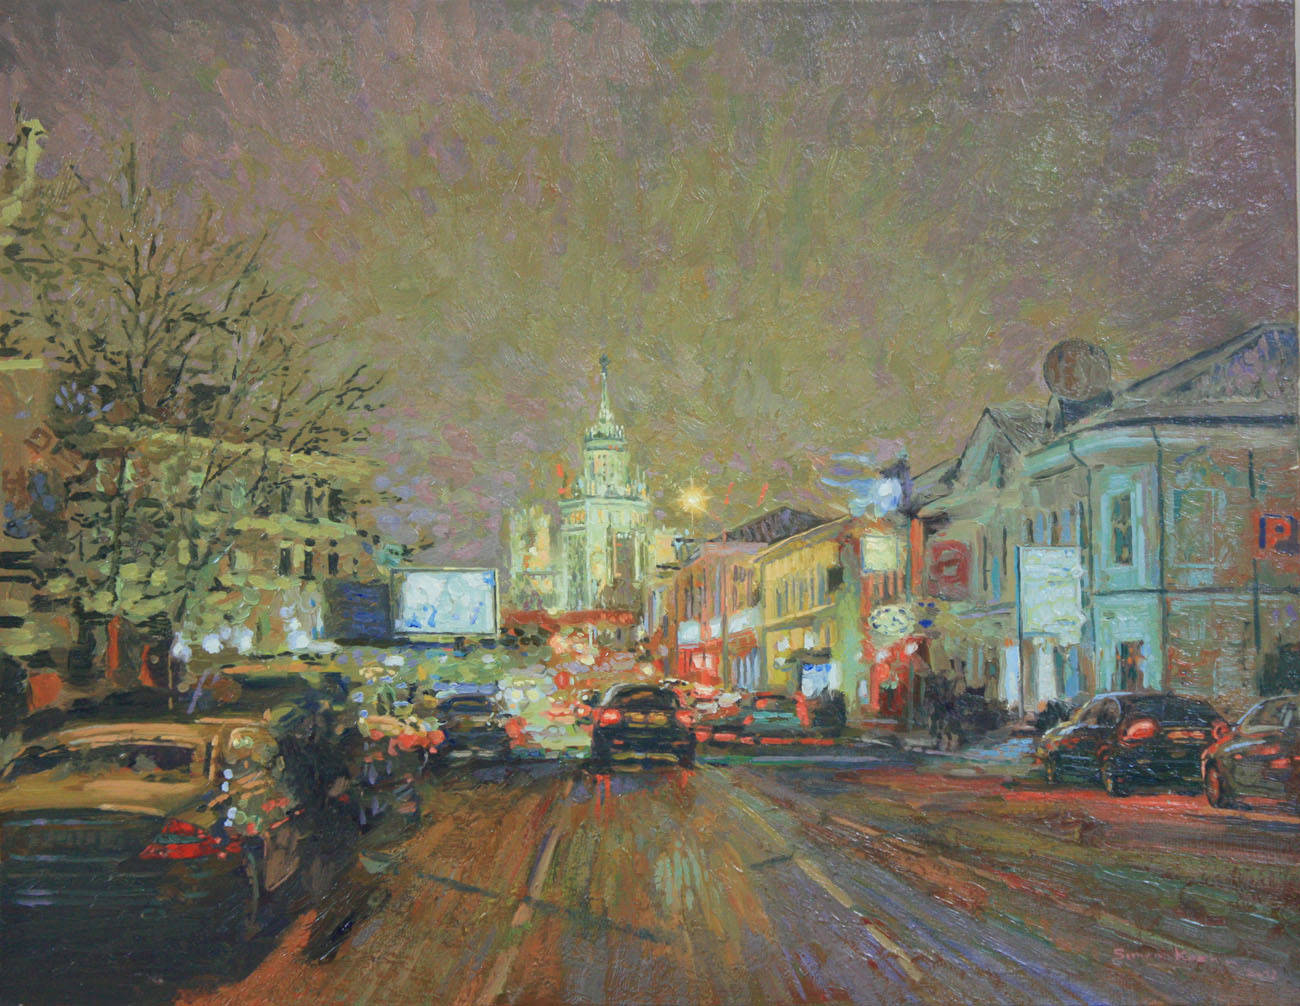 Verhnaya Radishchevskaya street at night. 2012. Oil on canvas. 40 x 50 cm.